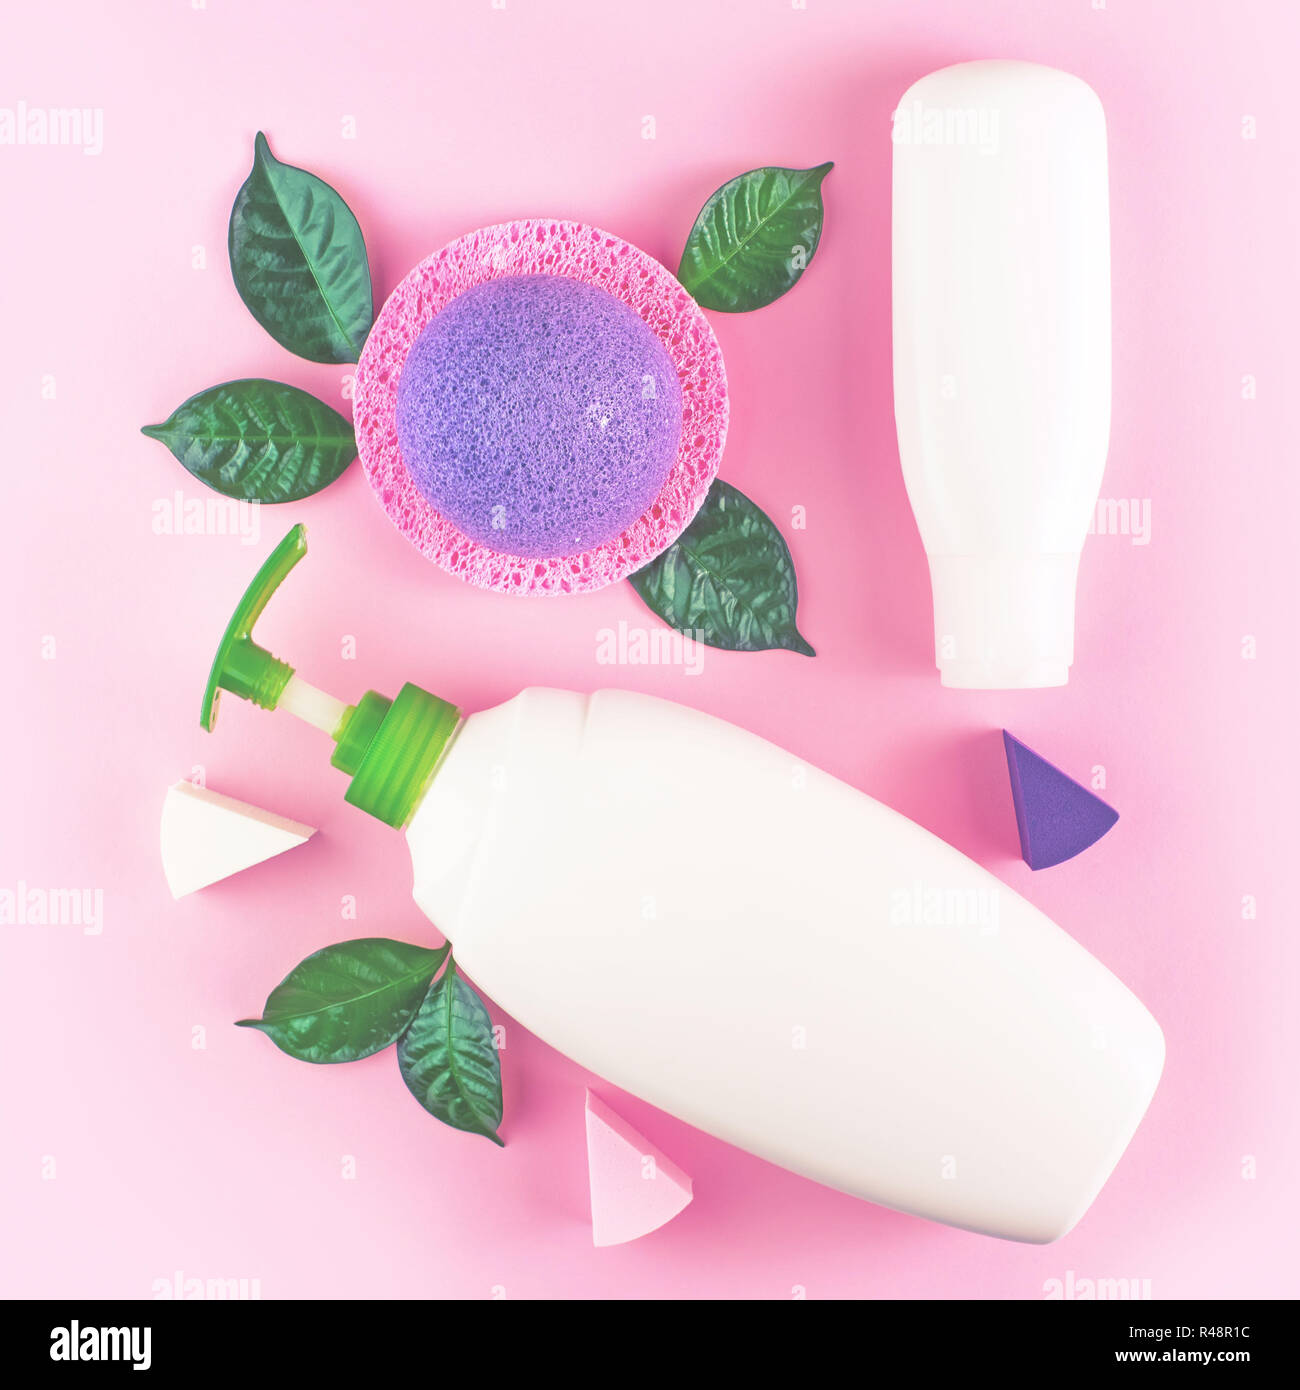 Confezione cosmetica la bottiglia di plastica shampoo crema gel doccia  latte foglie verde spugna regalo scatola 117d1195edfe